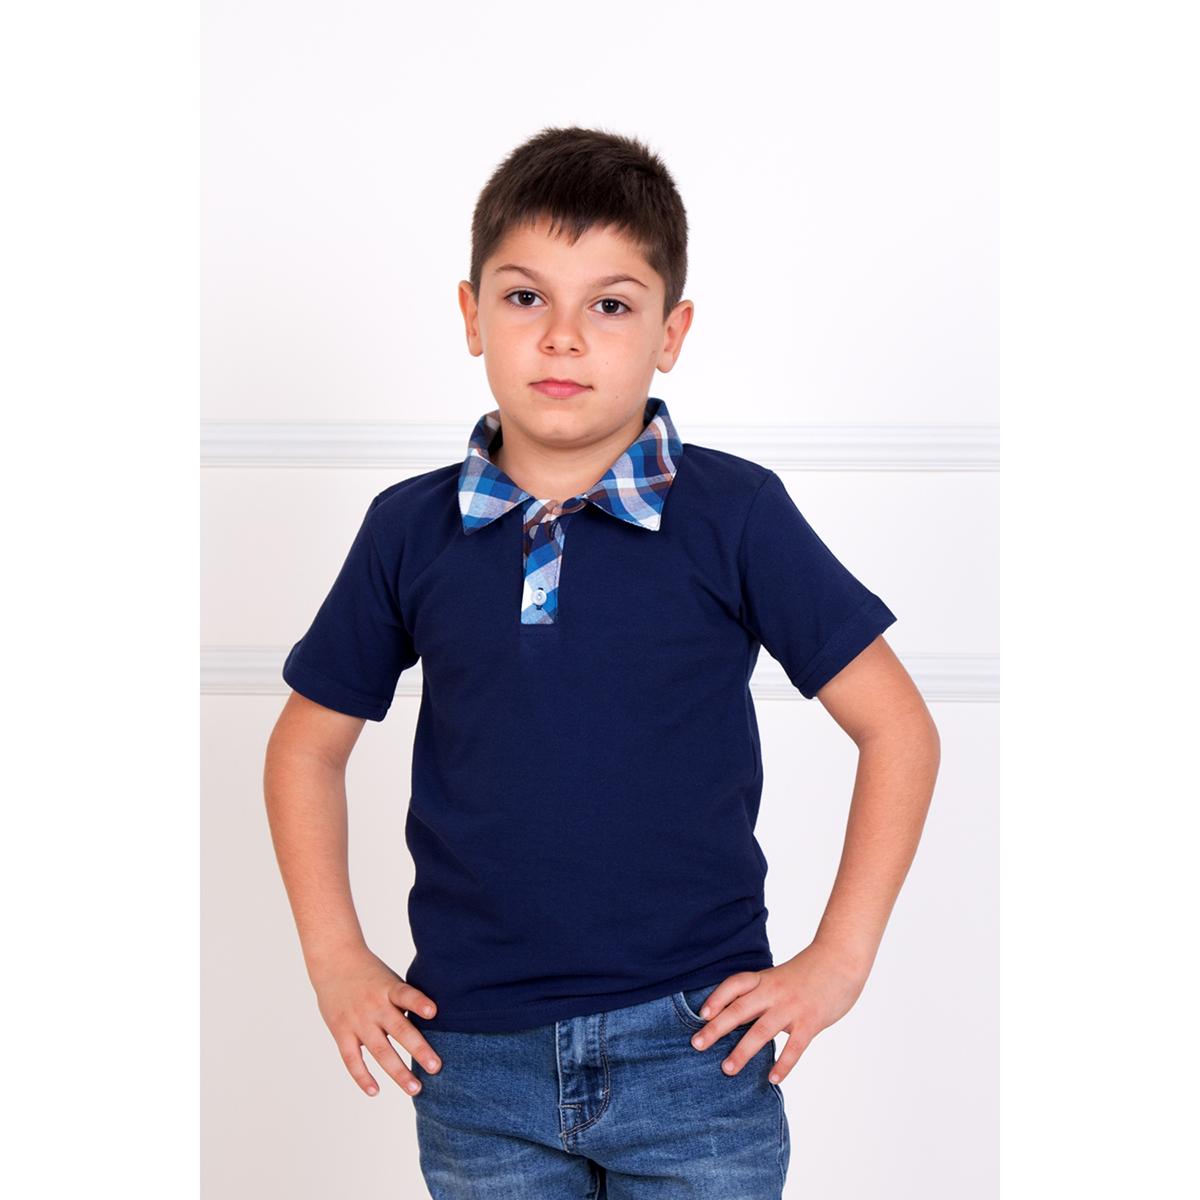 Детская футболка-поло Лаки Синий, размер 30Футболки и майки<br><br><br>Тип: Дет. футболка<br>Размер: 30<br>Материал: Пике